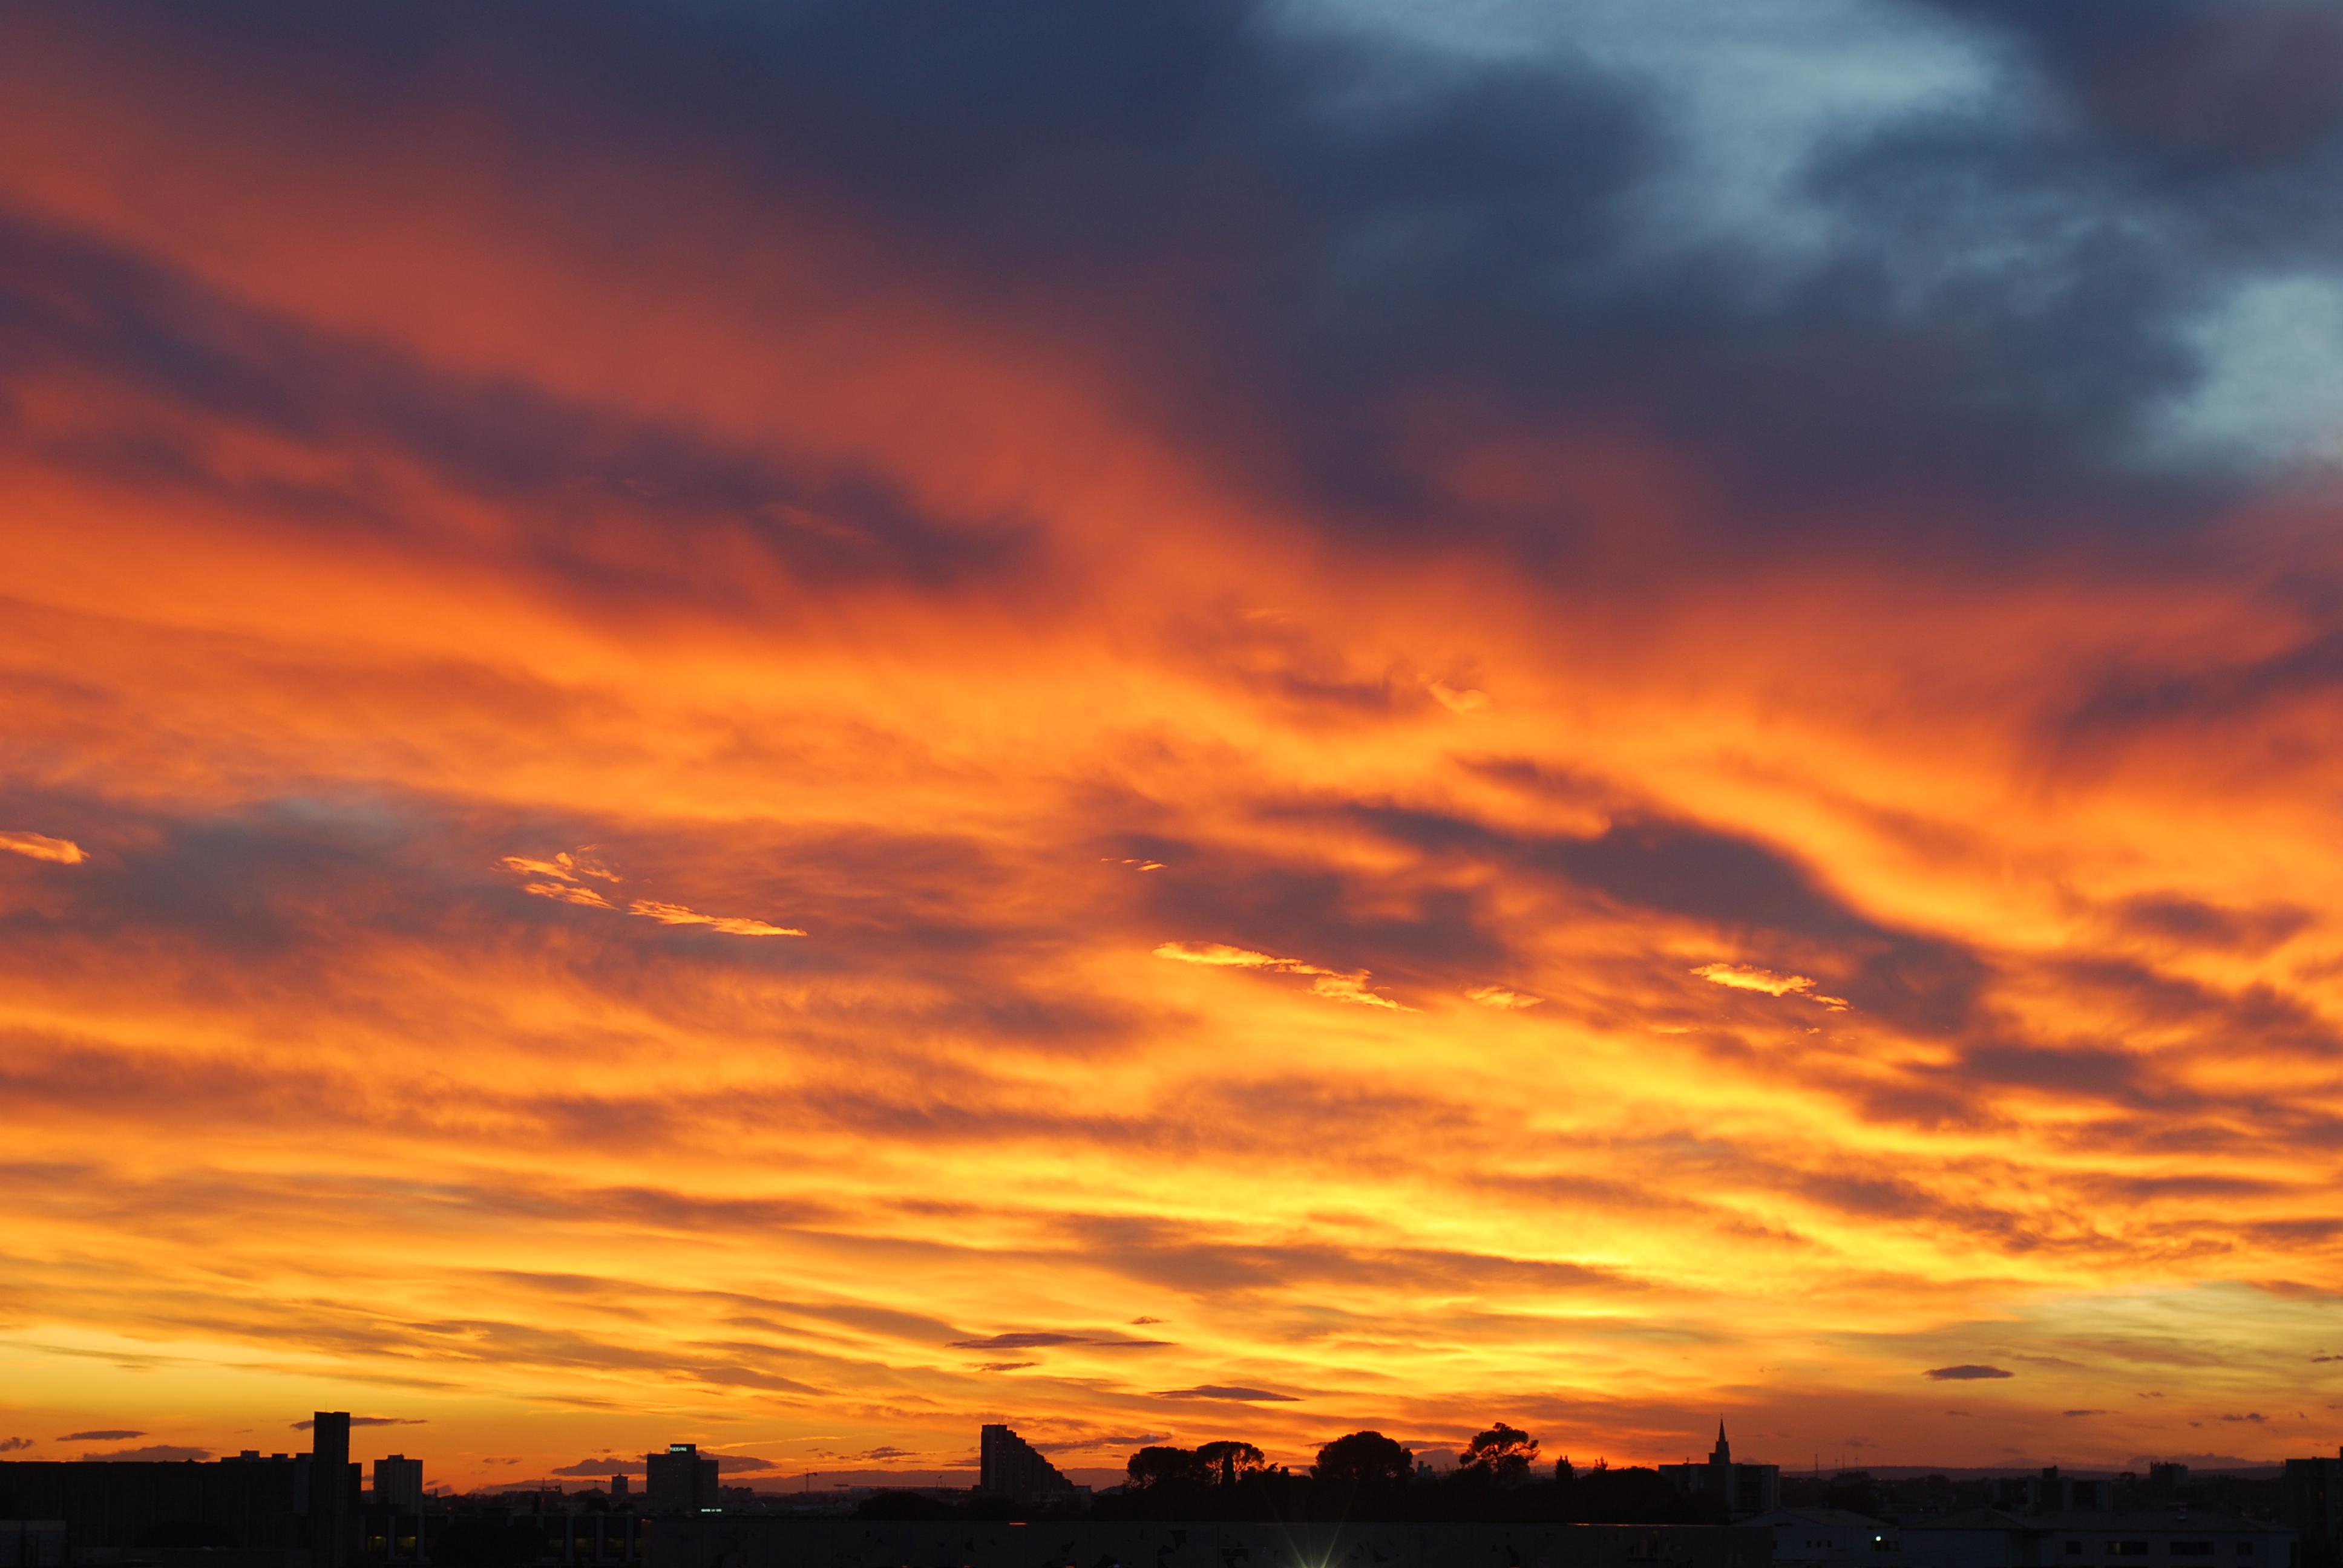 Coucher de soleil sur montpellier flickr photo sharing - Soleil zen montpellier ...